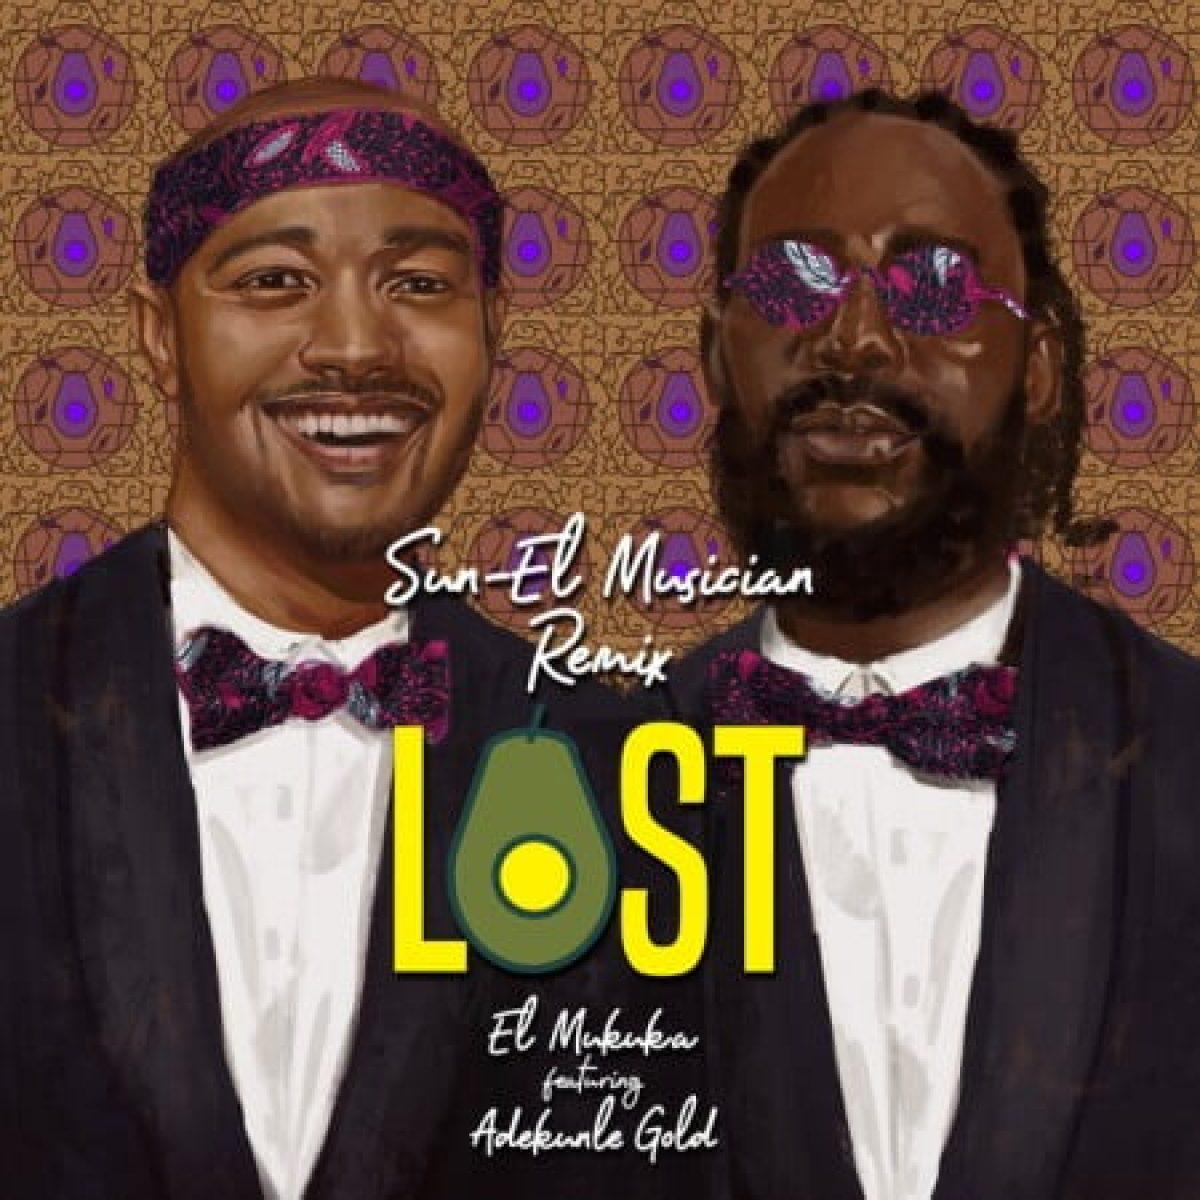 El Mukuka – Lost Ft. Adekunle Gold (Sun-EL Musician Remix) mp3 download